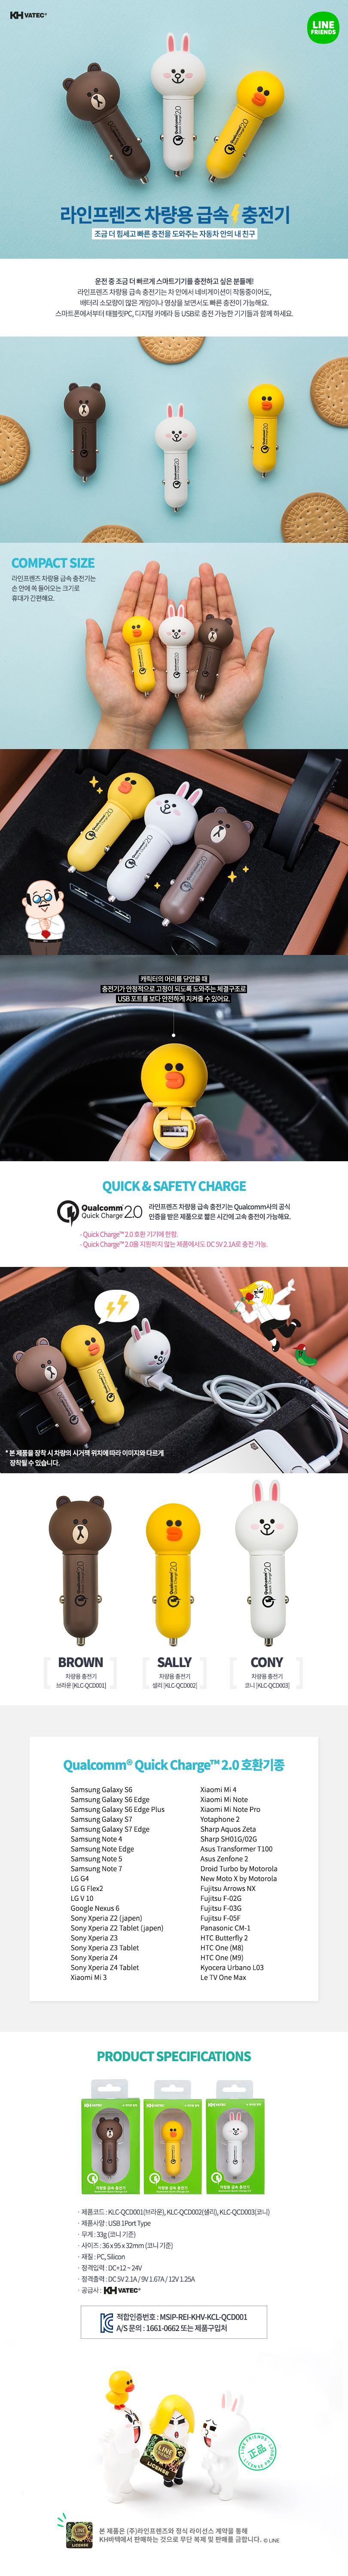 라인프렌즈 차량용 USB 급속 충전기 (퀼컴 퀵차지 2.0) - 라인프렌즈, 19,900원, 충전기, 차량용충전기(시거잭)